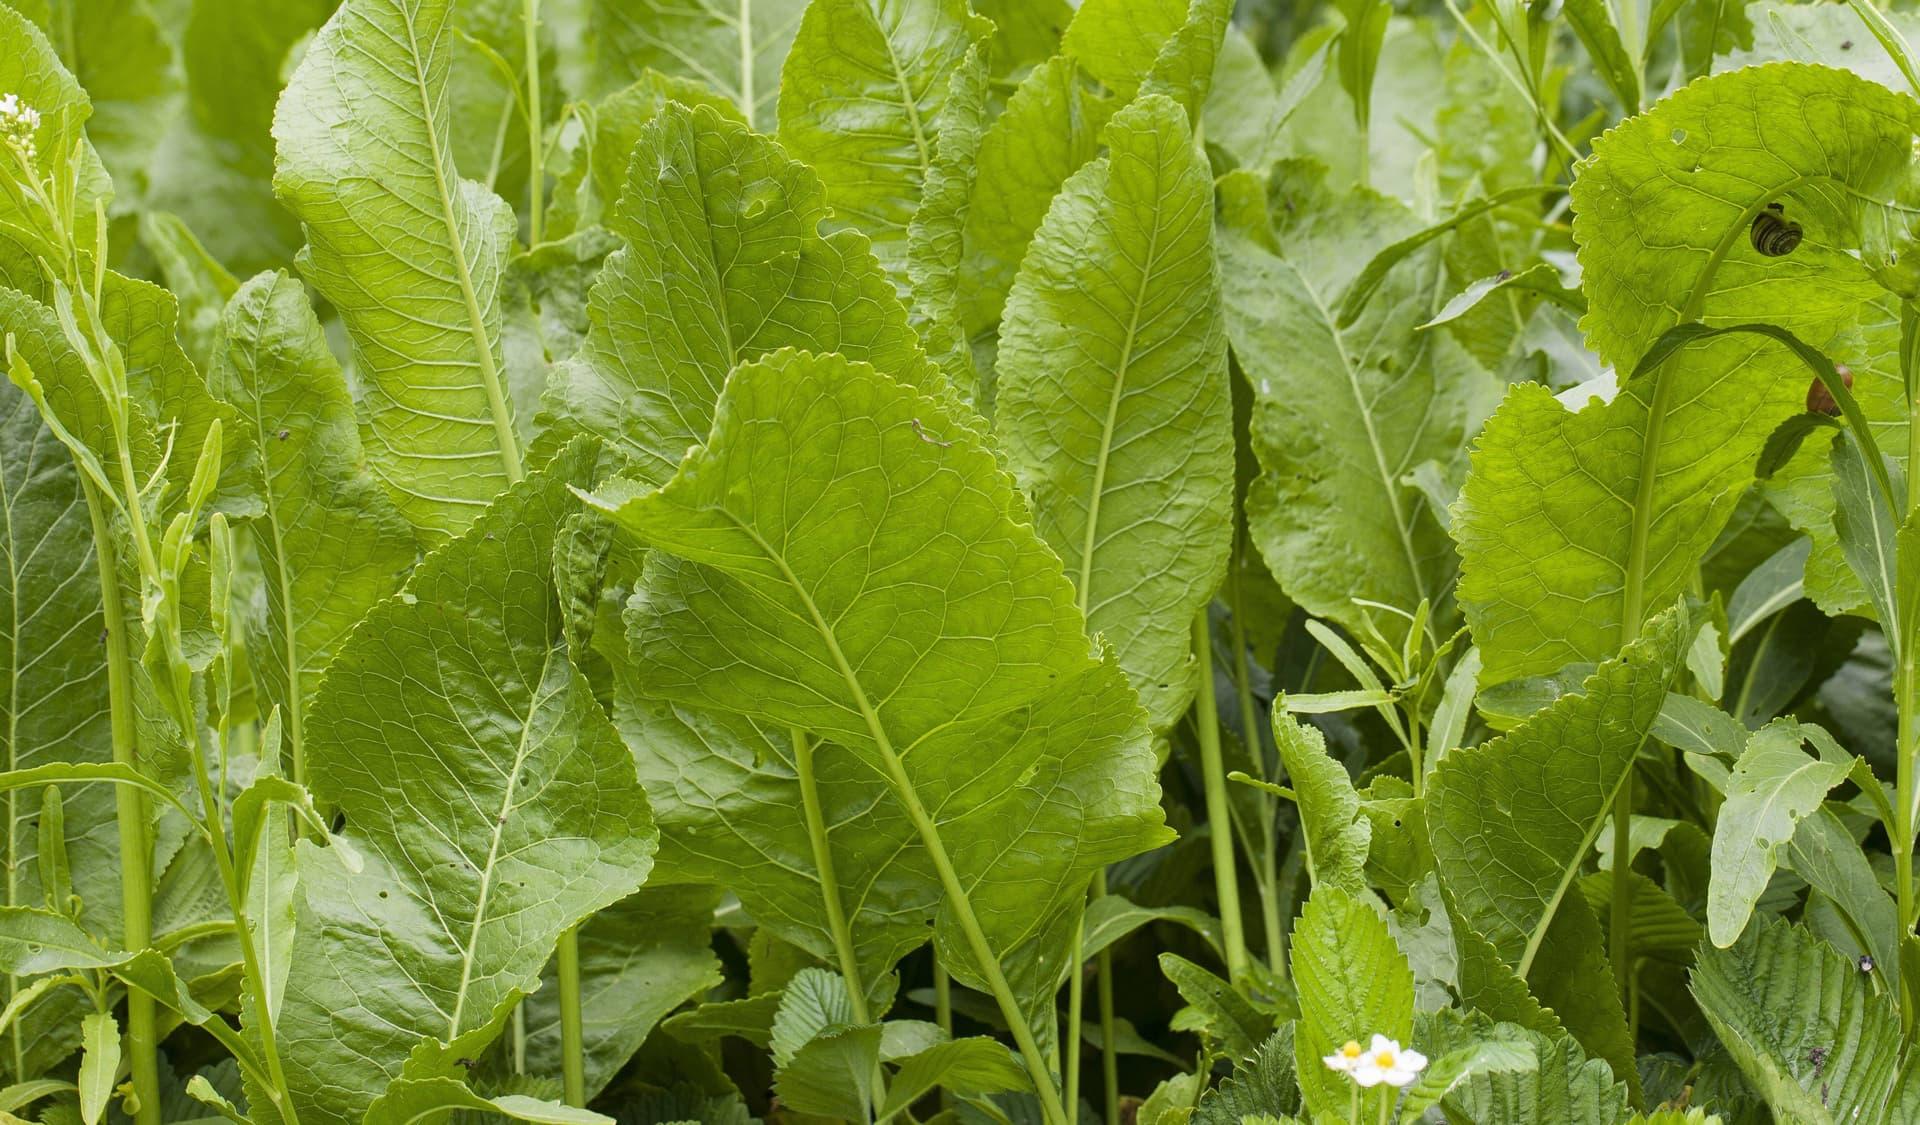 Meerrettich-Blätter